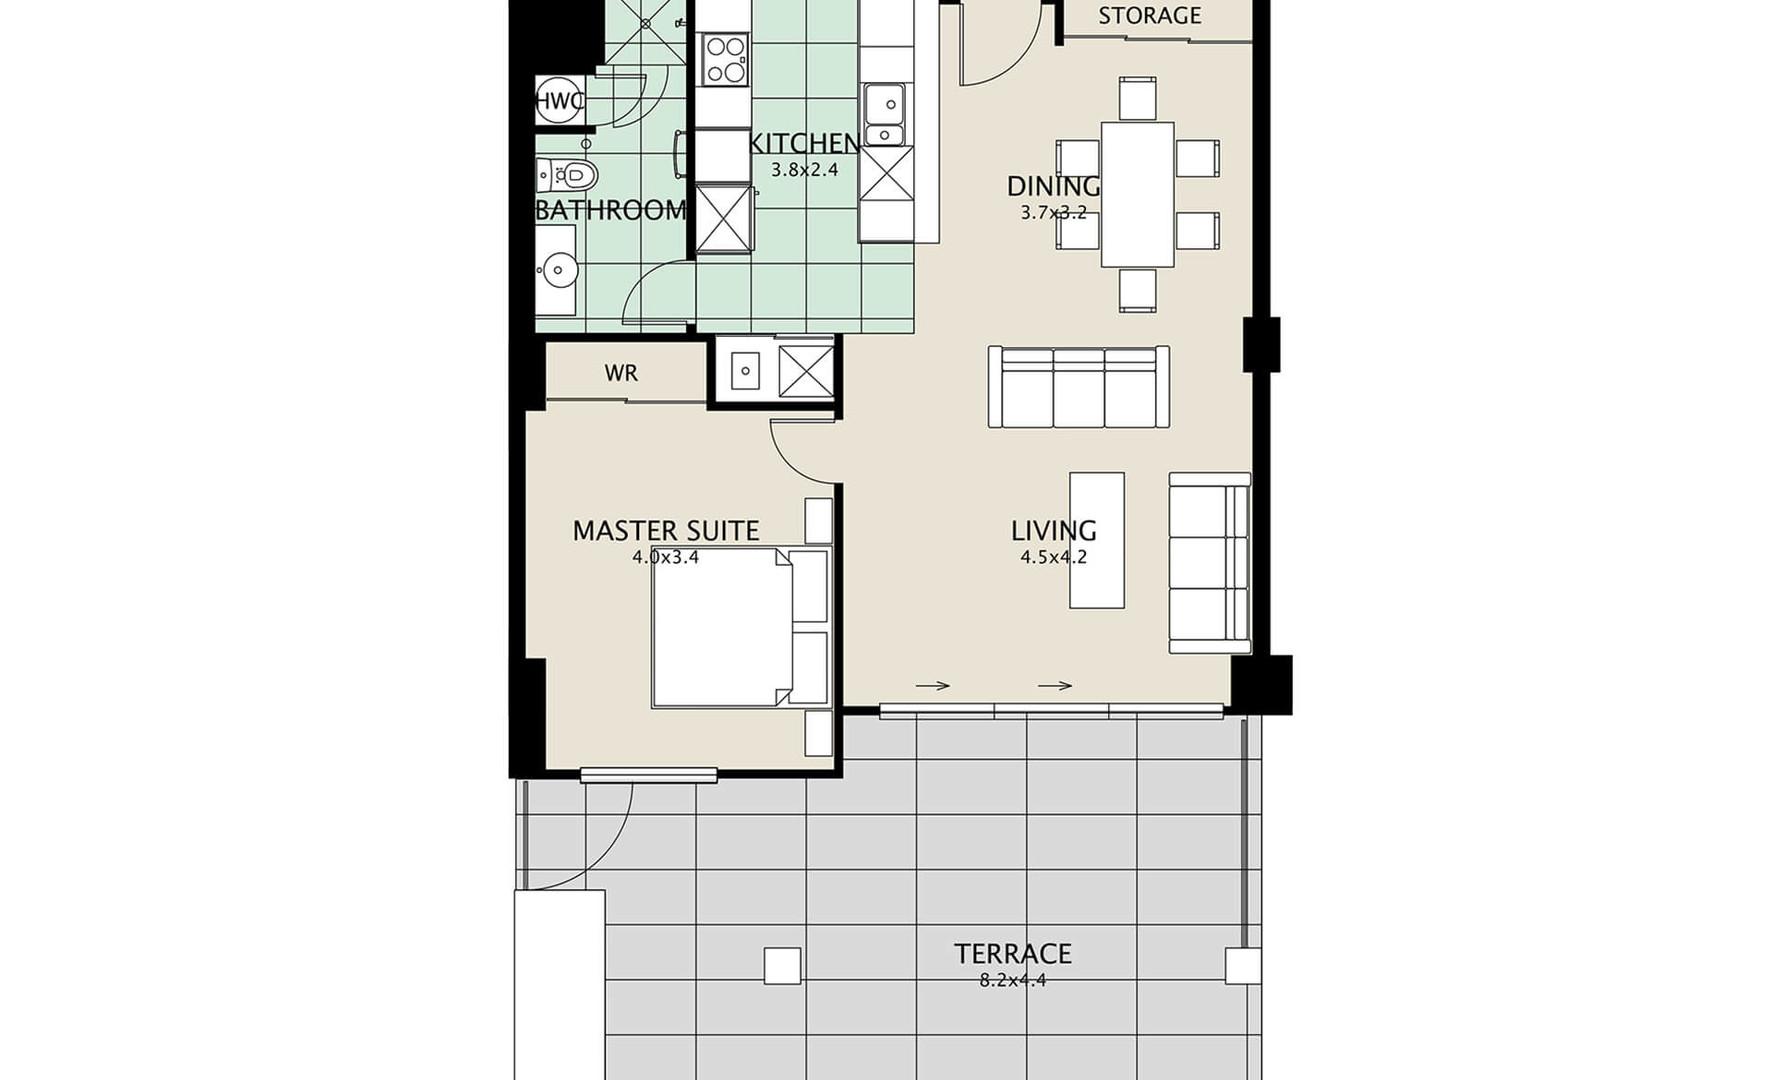 162-LandMark-Terrace-Plan.jpg